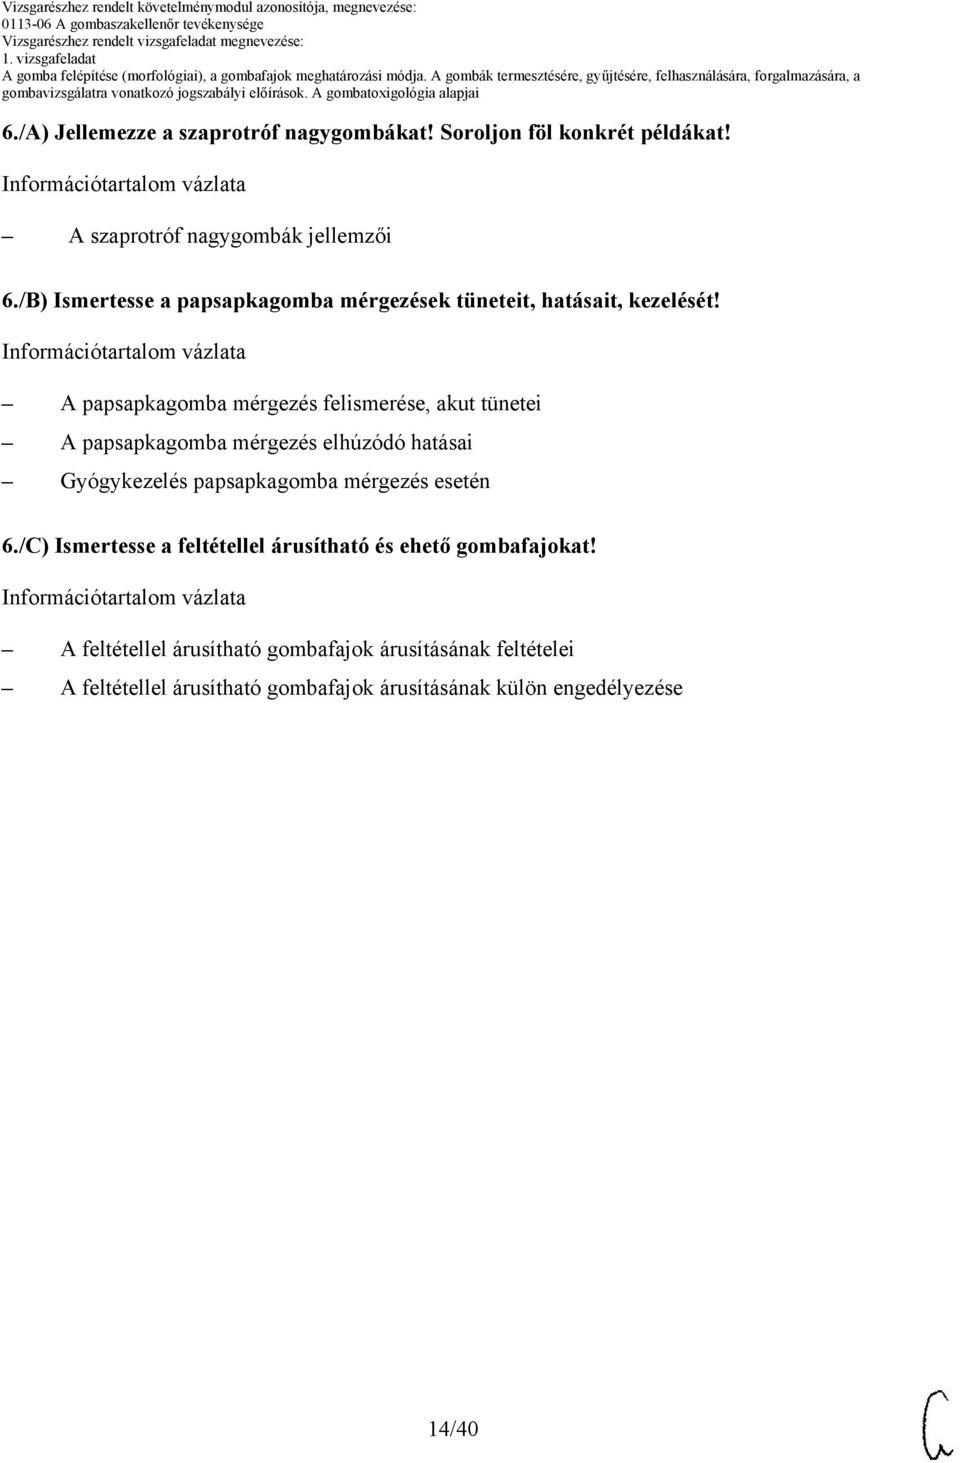 nekrotróf paraziták példák)